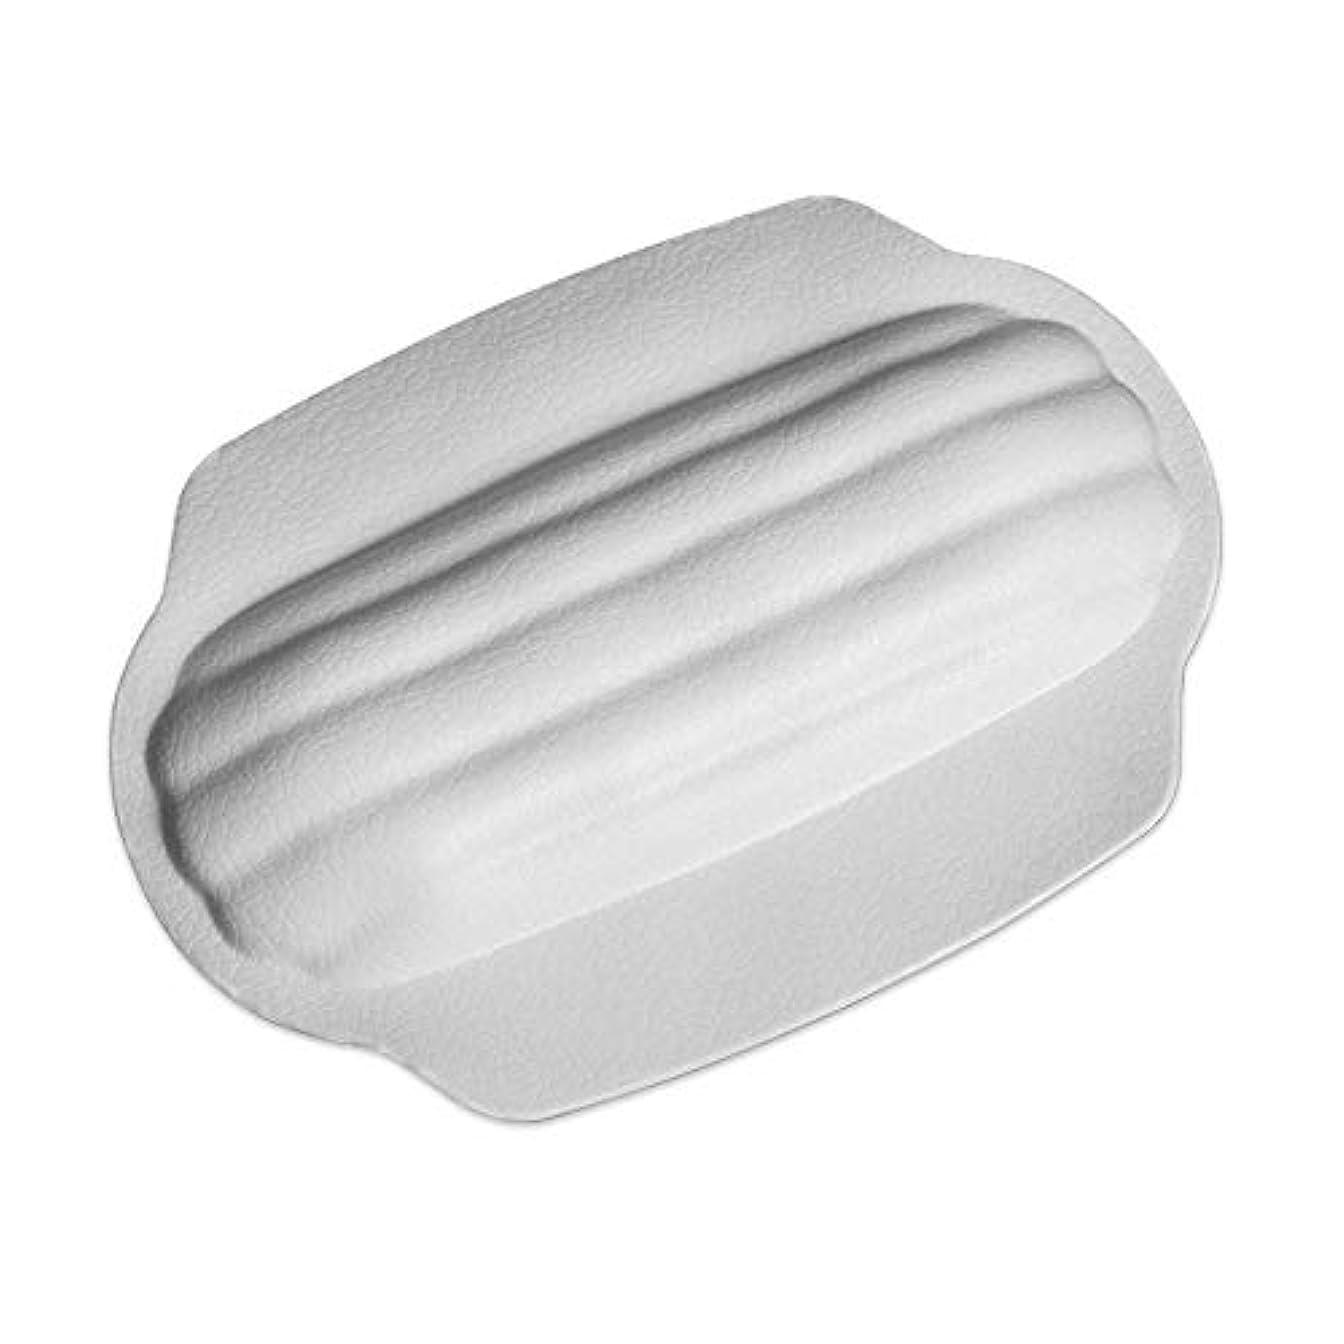 領事館空中帽子サクションカップ付き防水滑り止めスパ枕厚めユニバーサルバスタブ枕バスタブと抗菌性